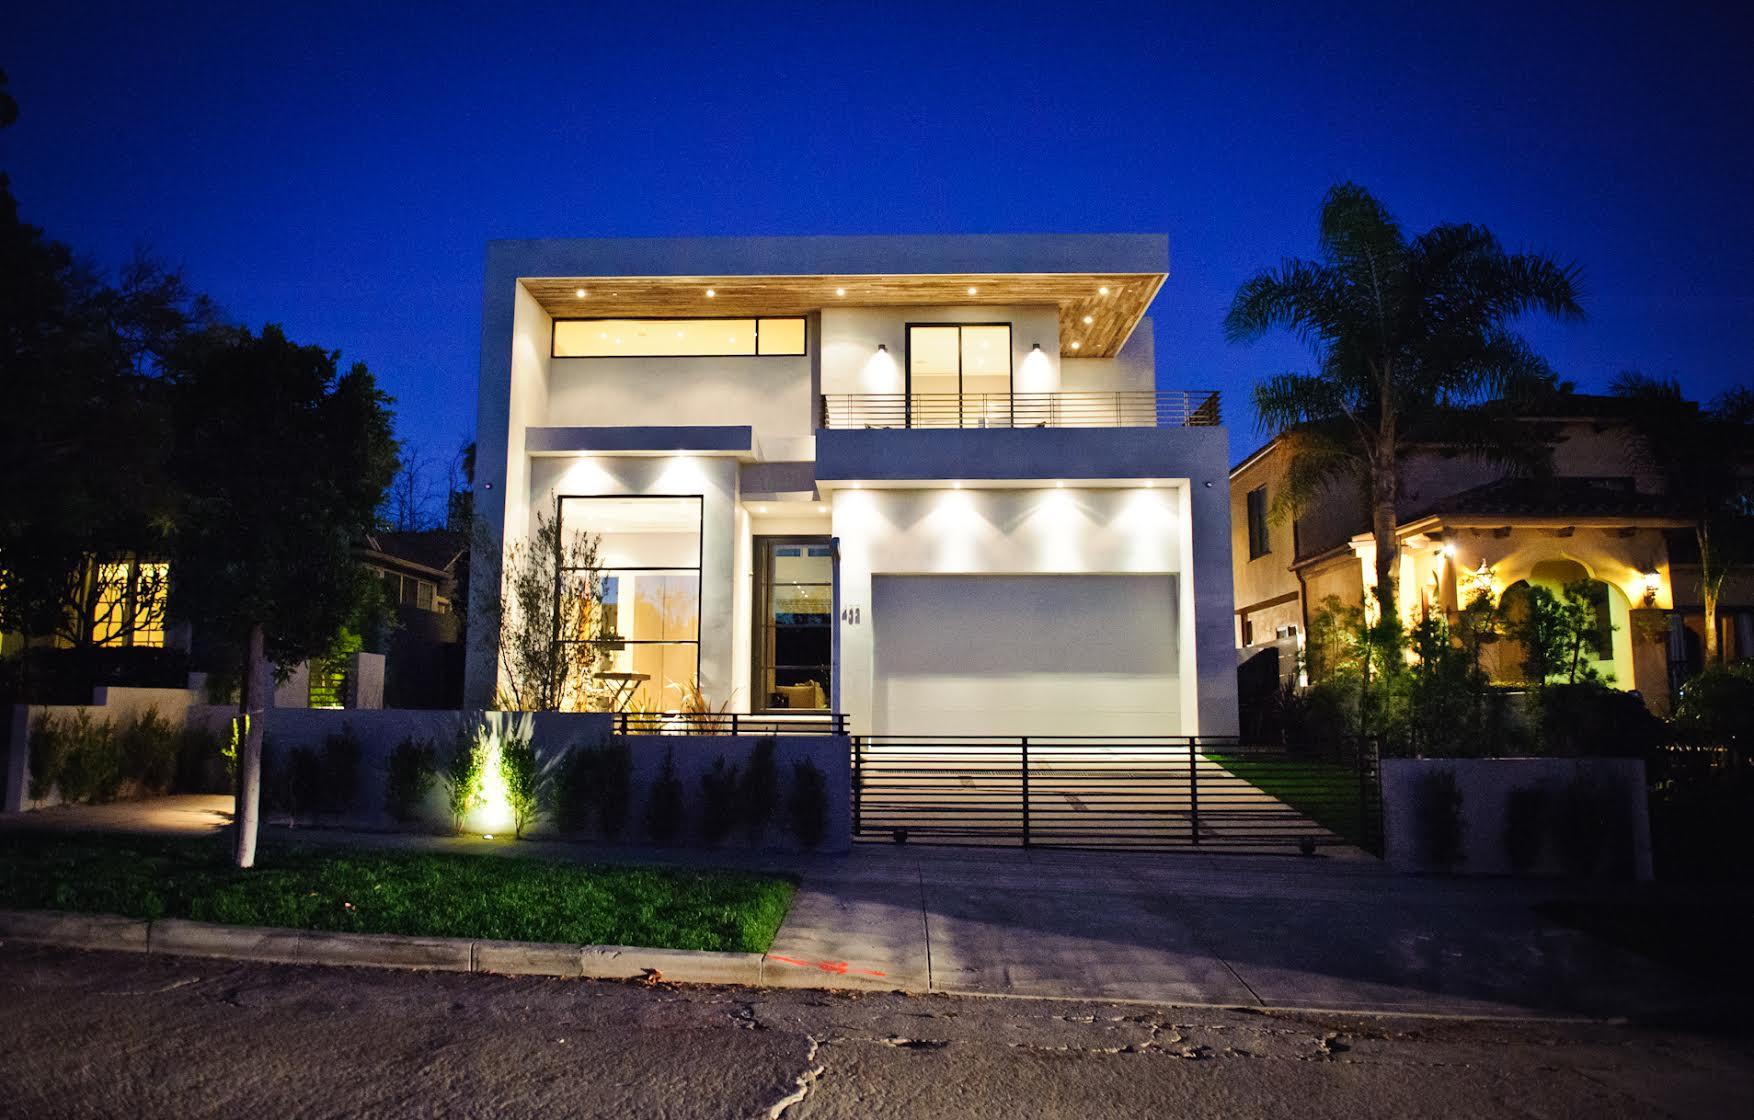 มุมมองหน้าบ้าน ตัวบ้านเป็นทรงเหลี่ยมสวยงามทันสมัย